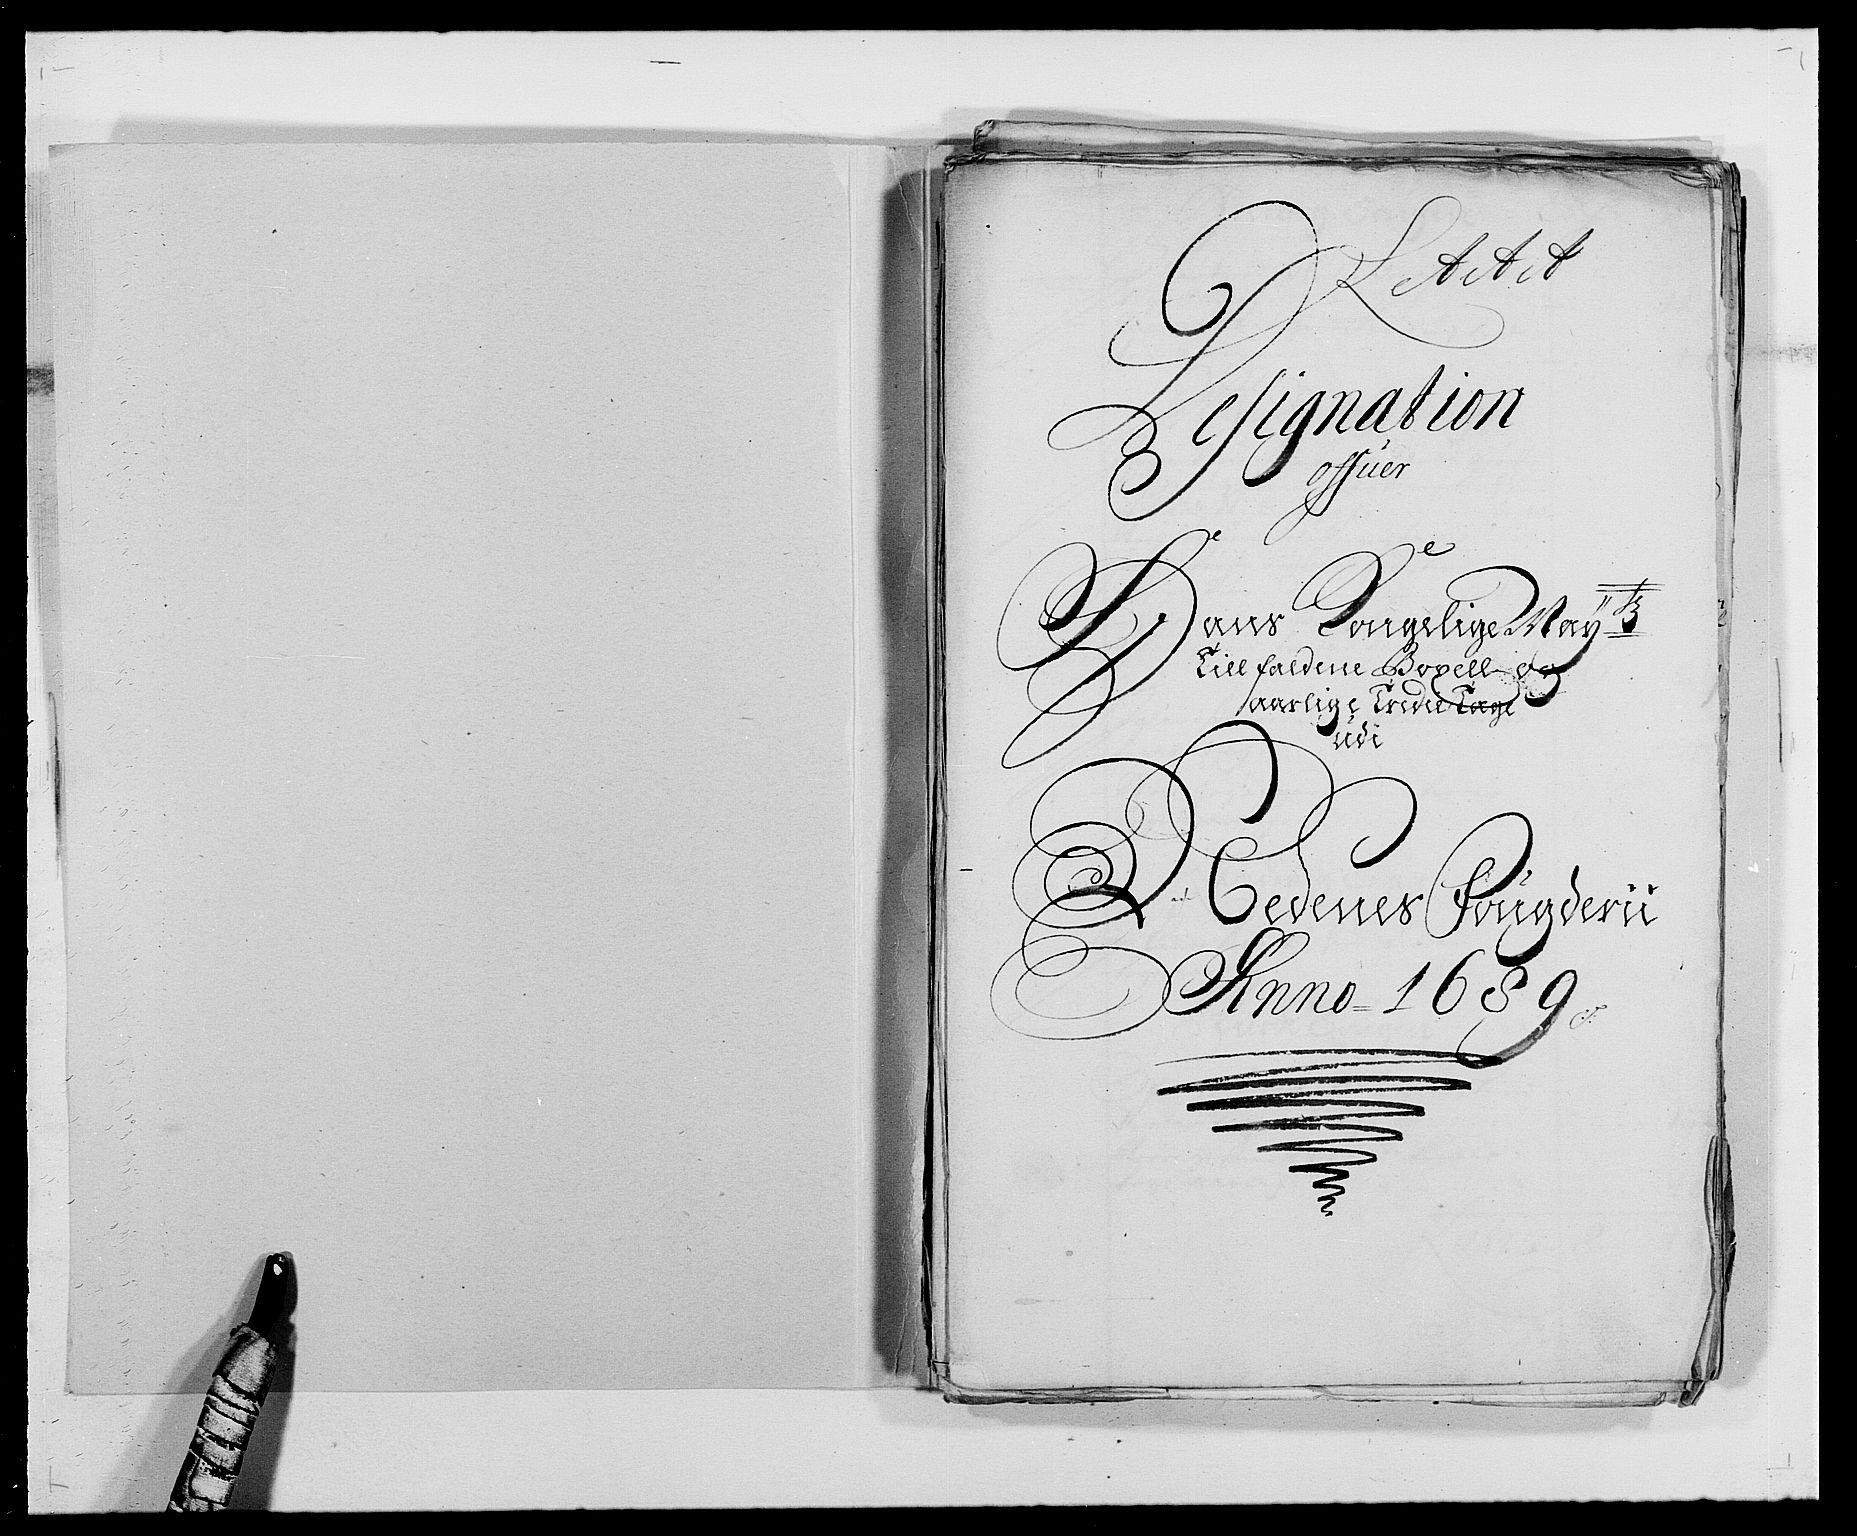 RA, Rentekammeret inntil 1814, Reviderte regnskaper, Fogderegnskap, R39/L2309: Fogderegnskap Nedenes, 1684-1689, s. 283